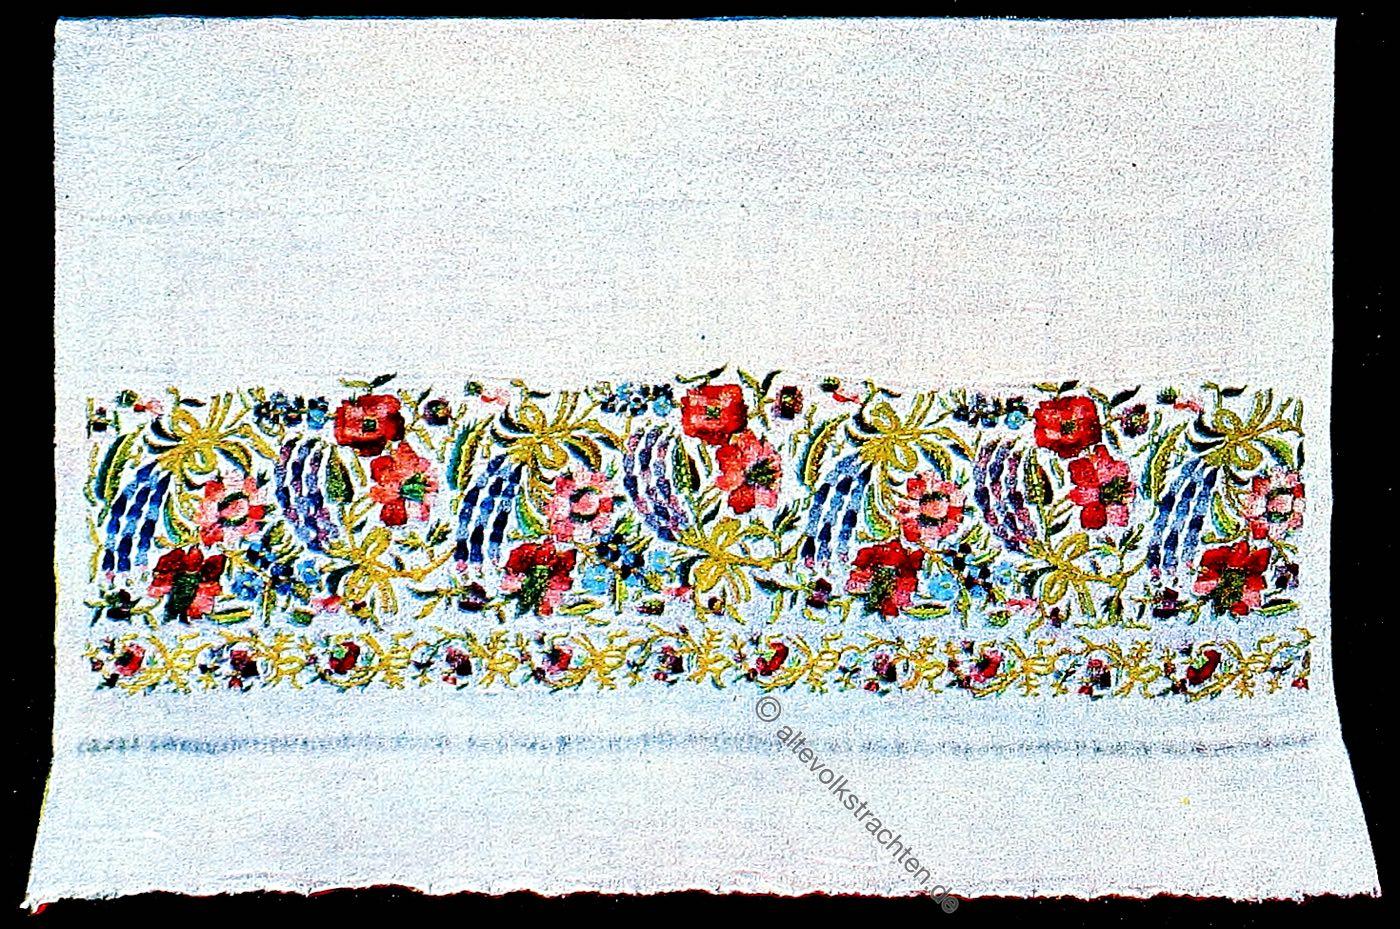 Makedonien, Stickereien, Volkskunst, Stickerei, Goldstickerei, Seidenstickerei, Balkan, Handtuch